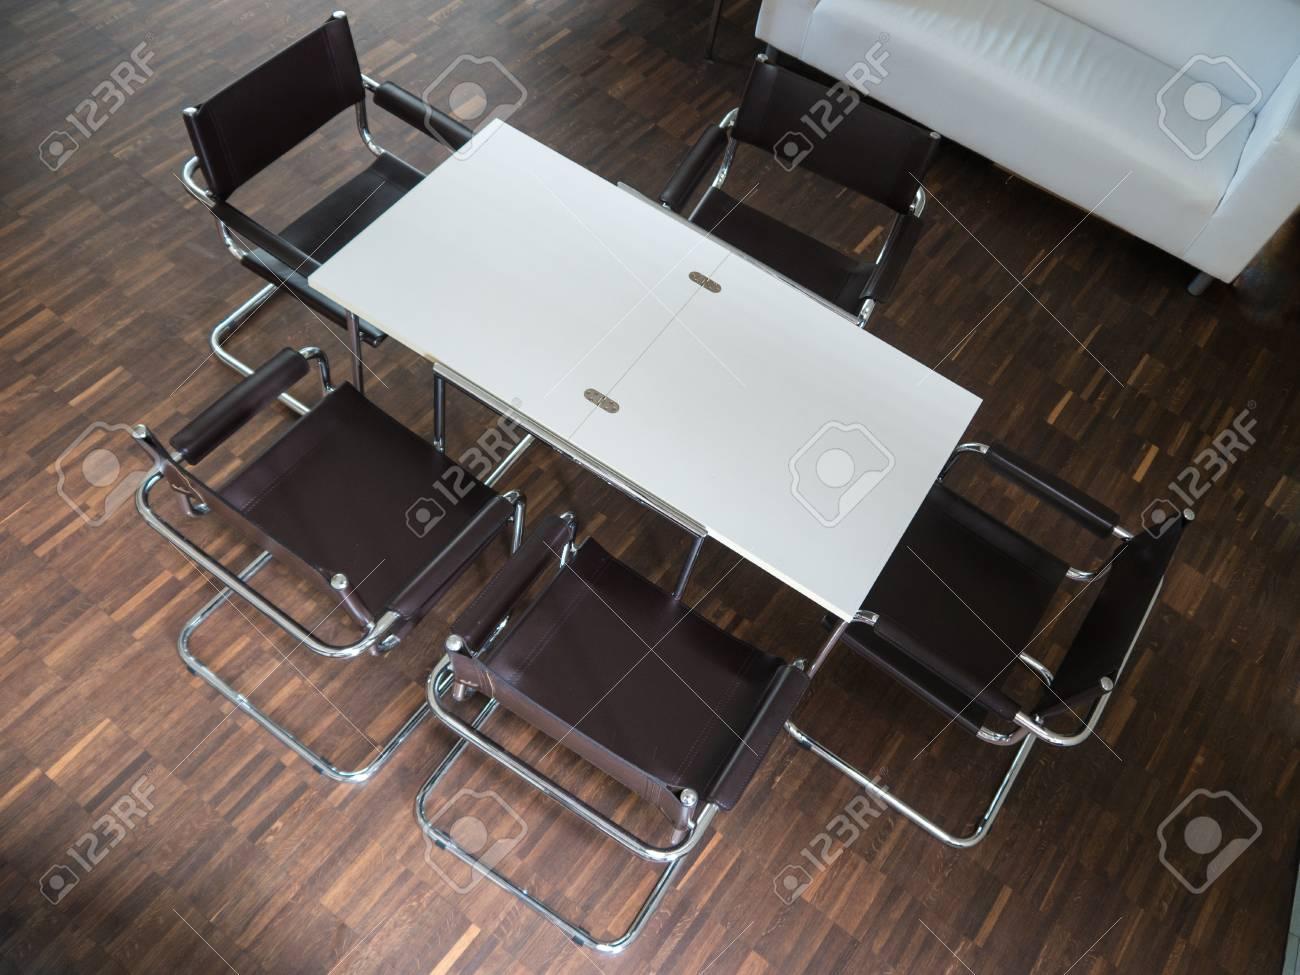 Immagini stock sala riunioni con tavolo bianco e sedie nere